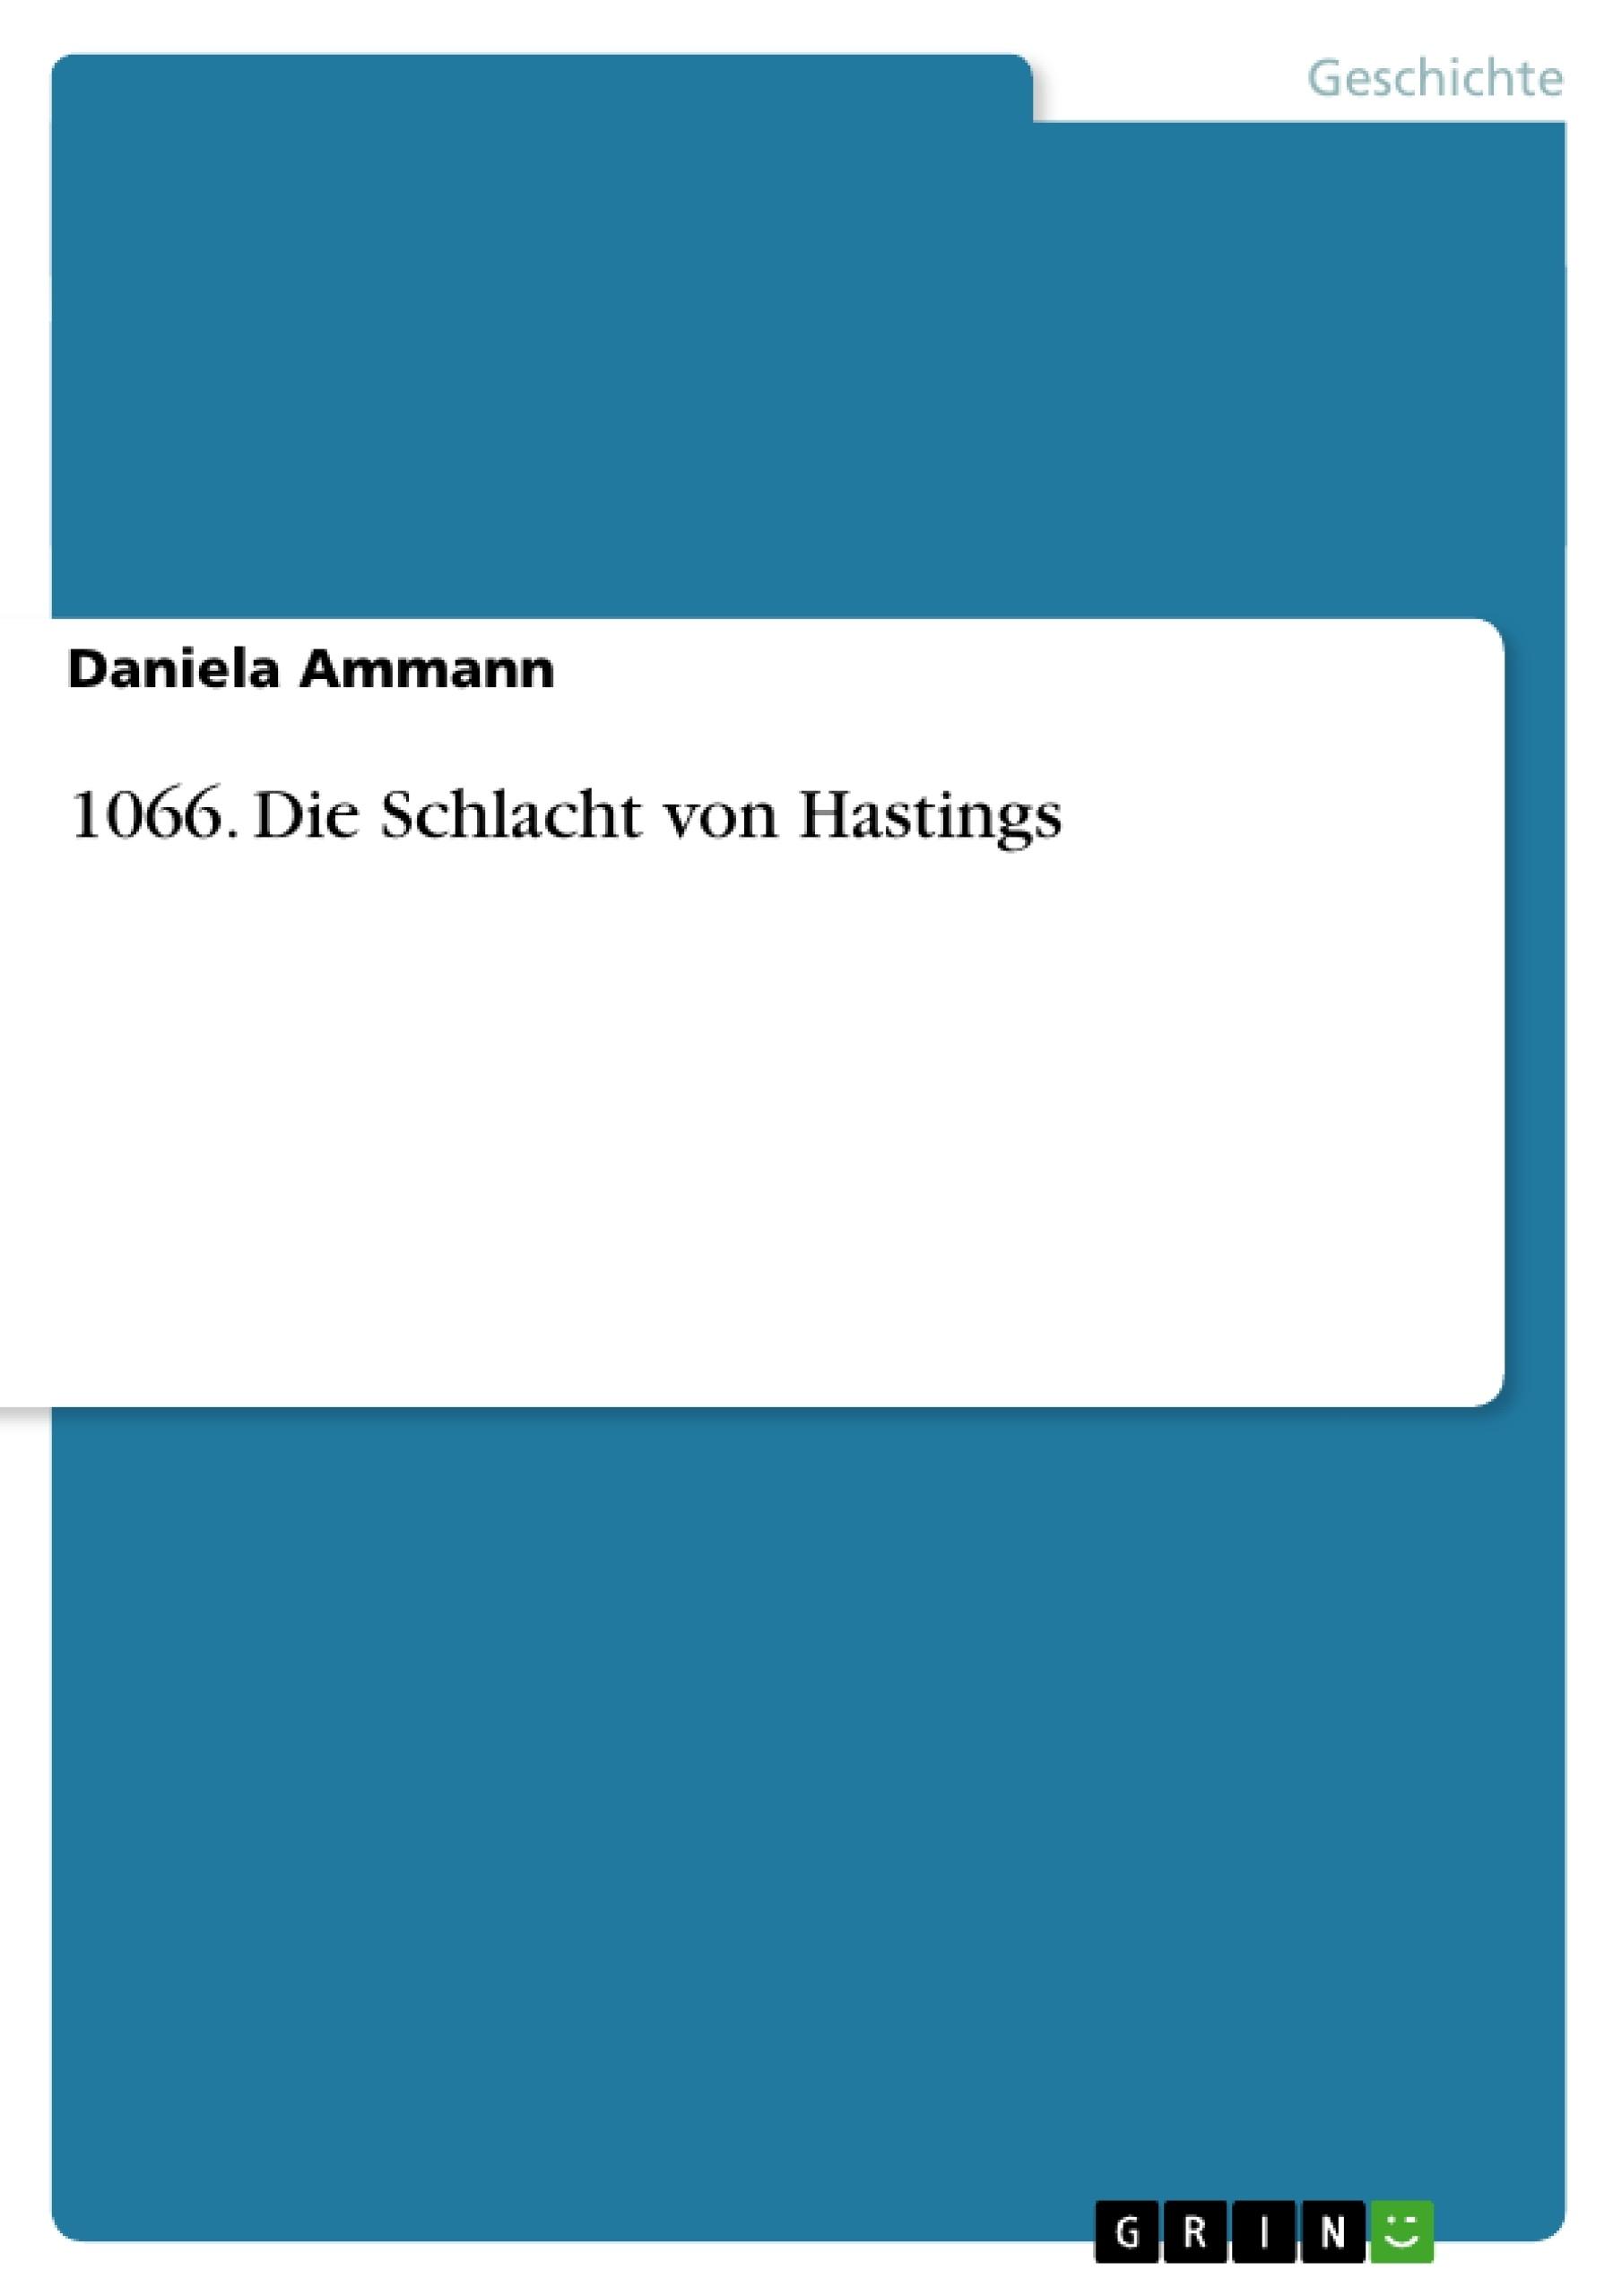 Titel: 1066. Die Schlacht von Hastings